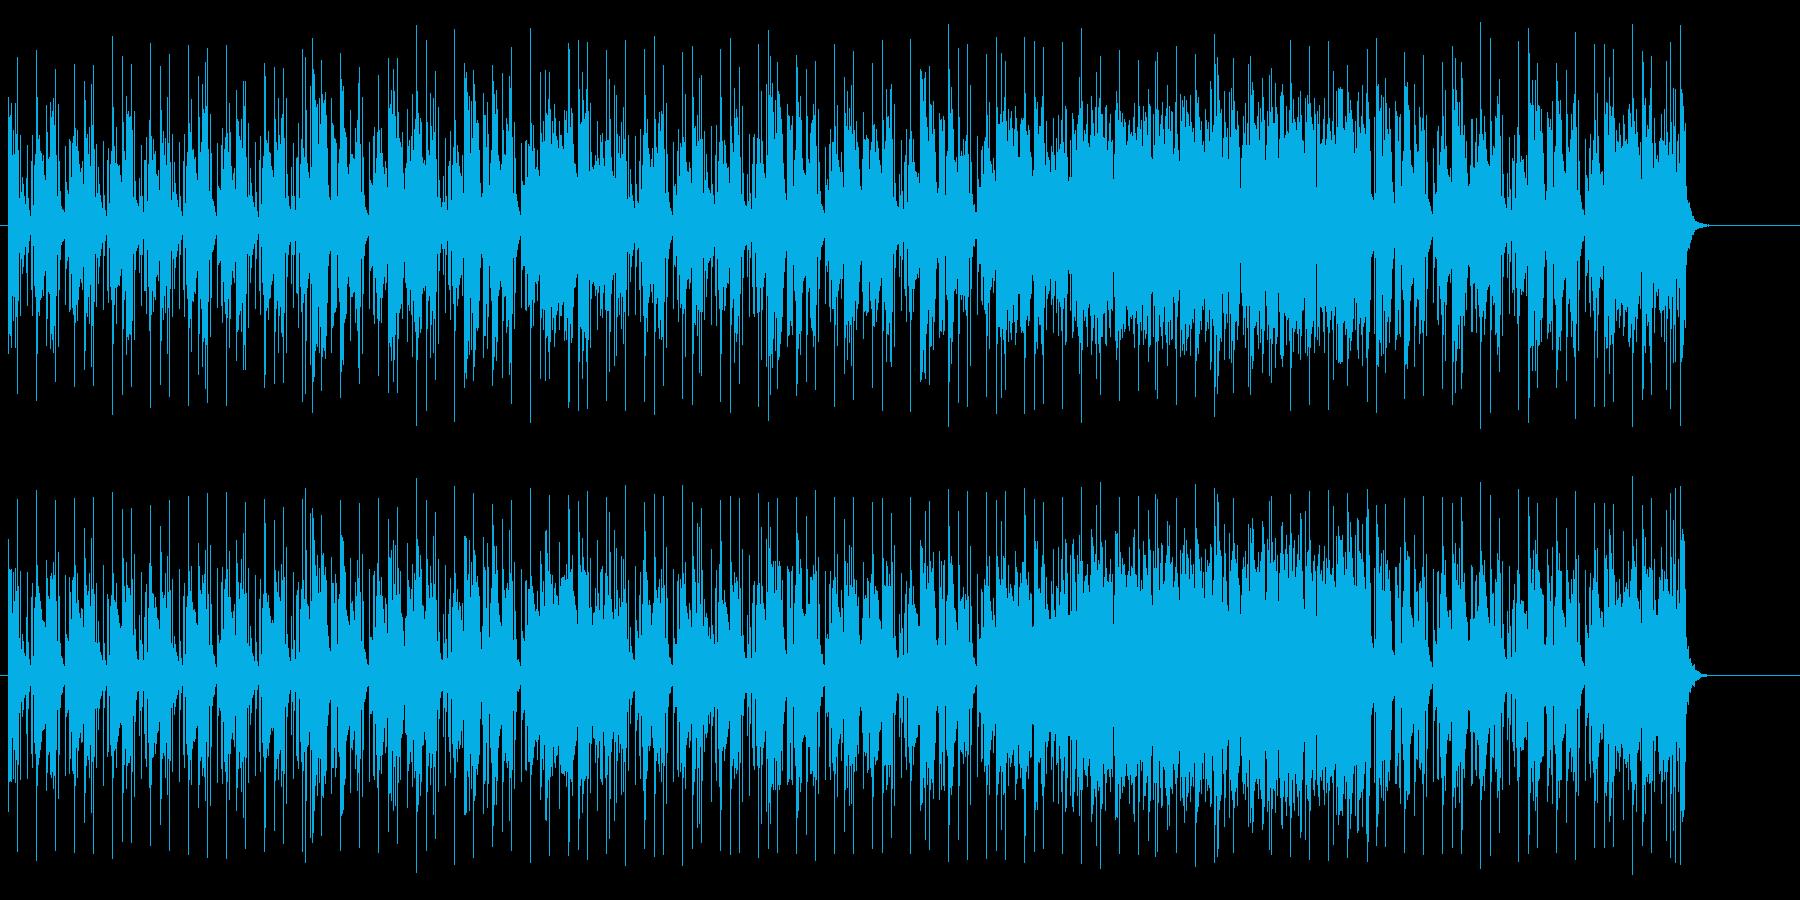 エスニックな楽器のバラエティーポップの再生済みの波形